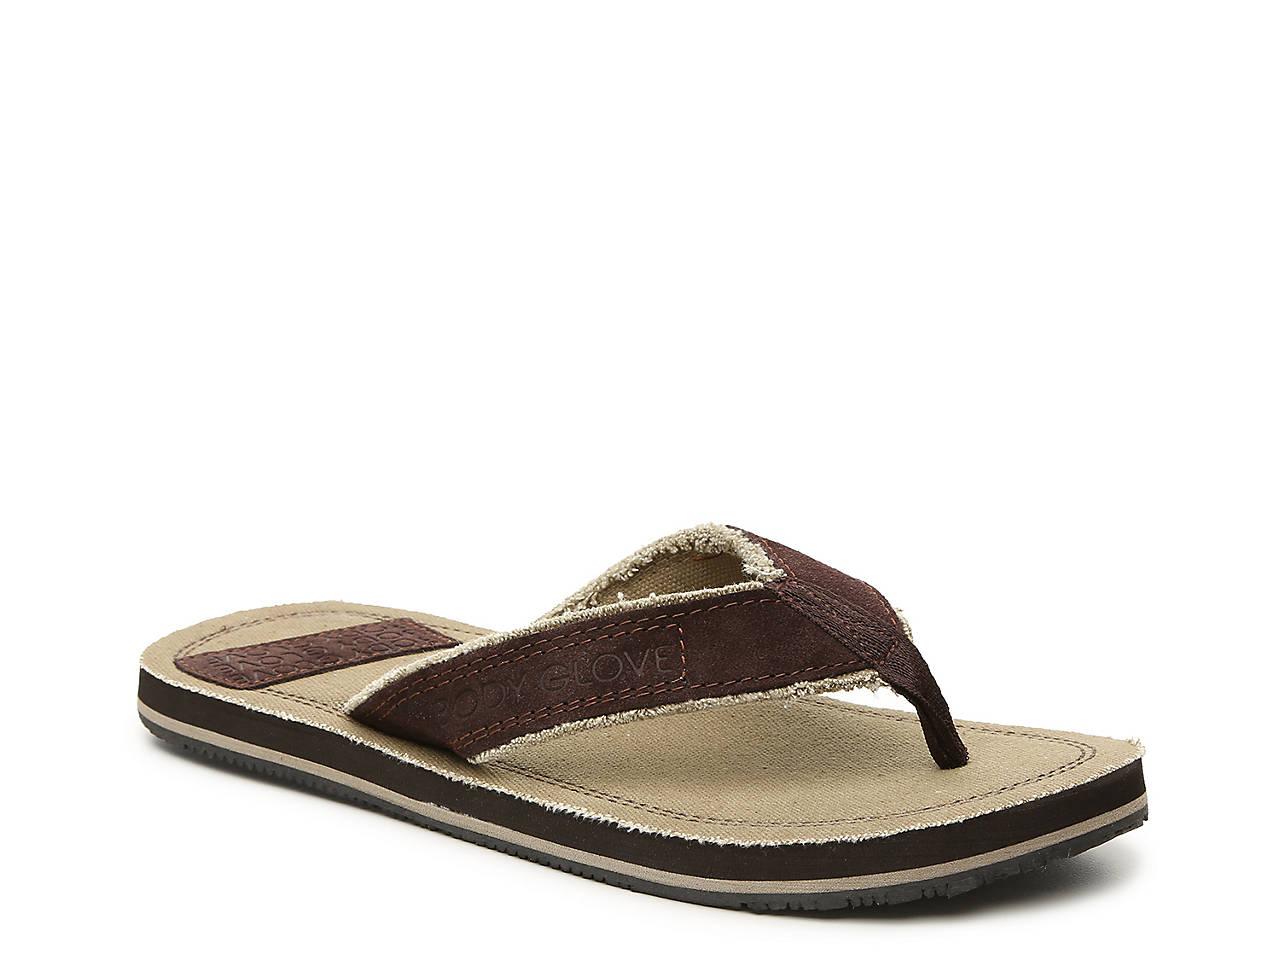 ef93e67aec8 Body Glove Bridgeport Flip Flop Men s Shoes